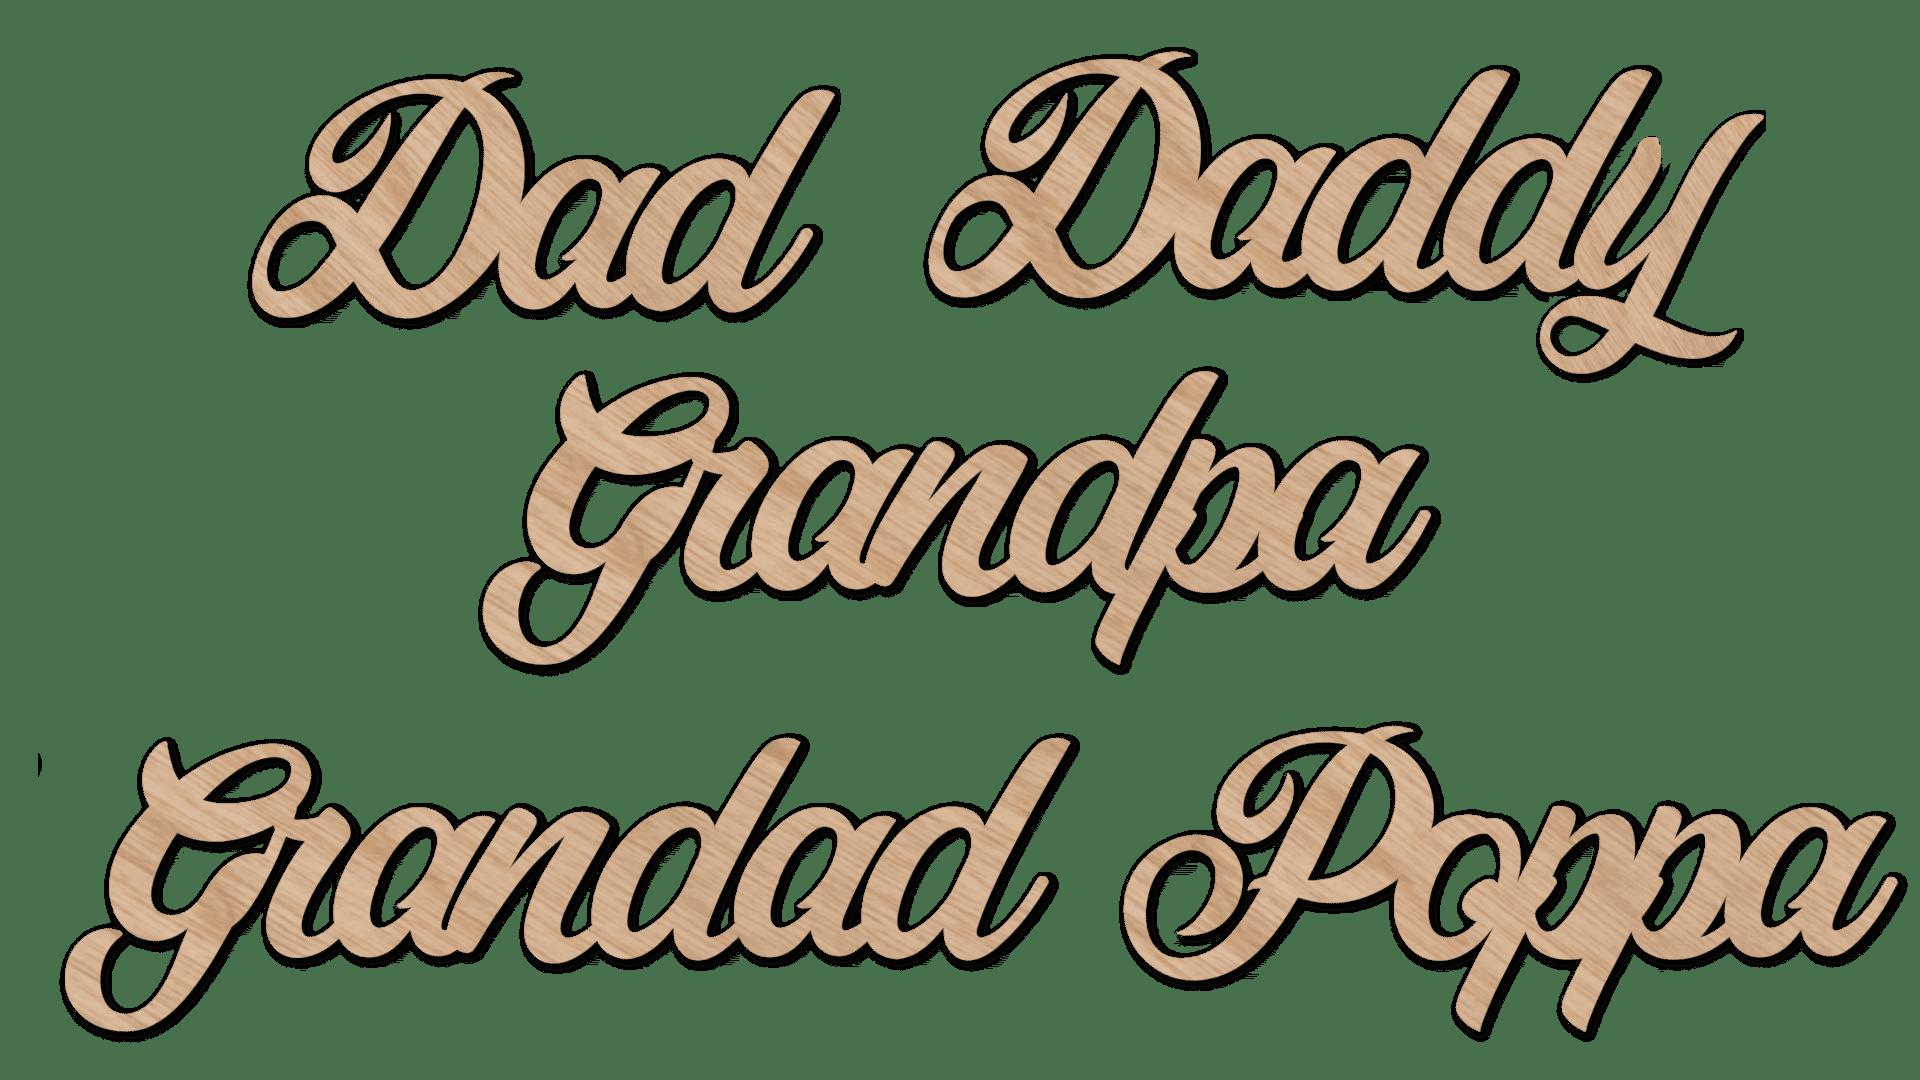 DAD DADDY GRANDPA GRANDAD POPPA